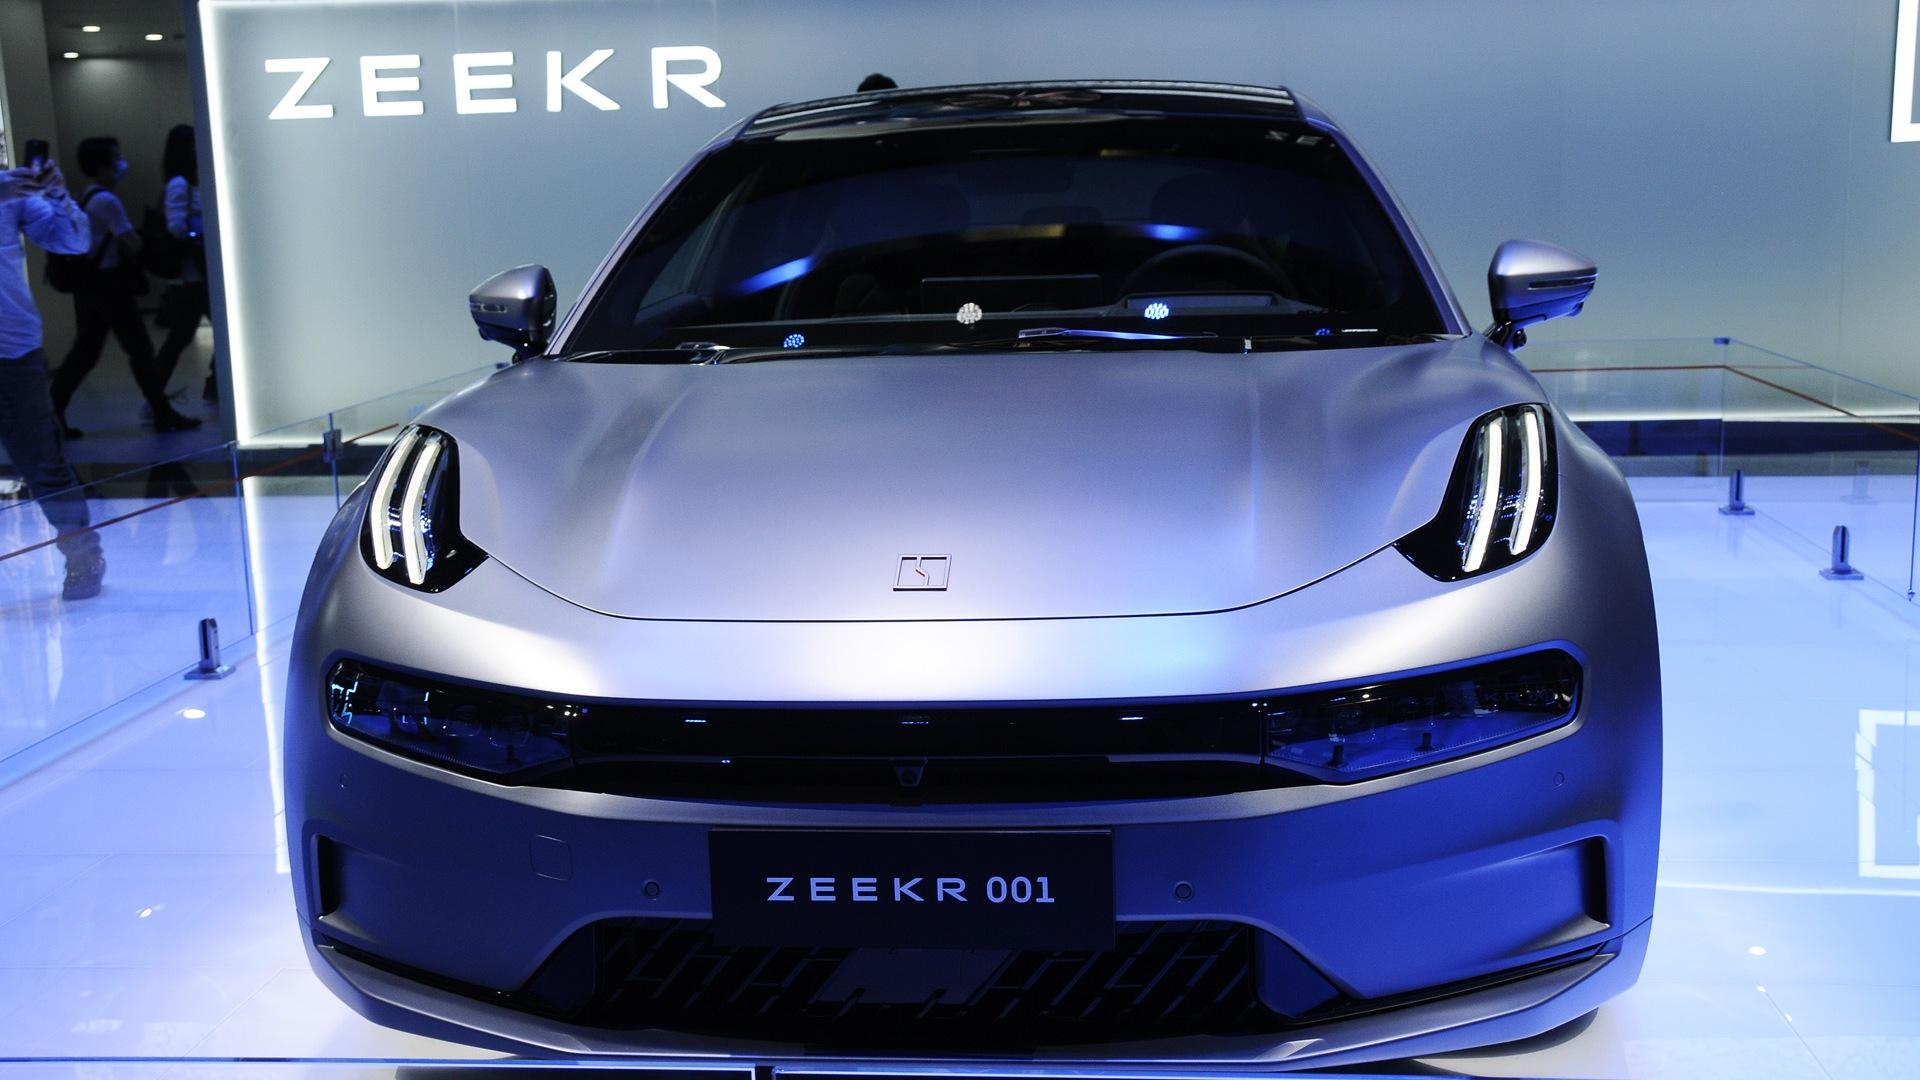 Geely's new brand; Zeekr